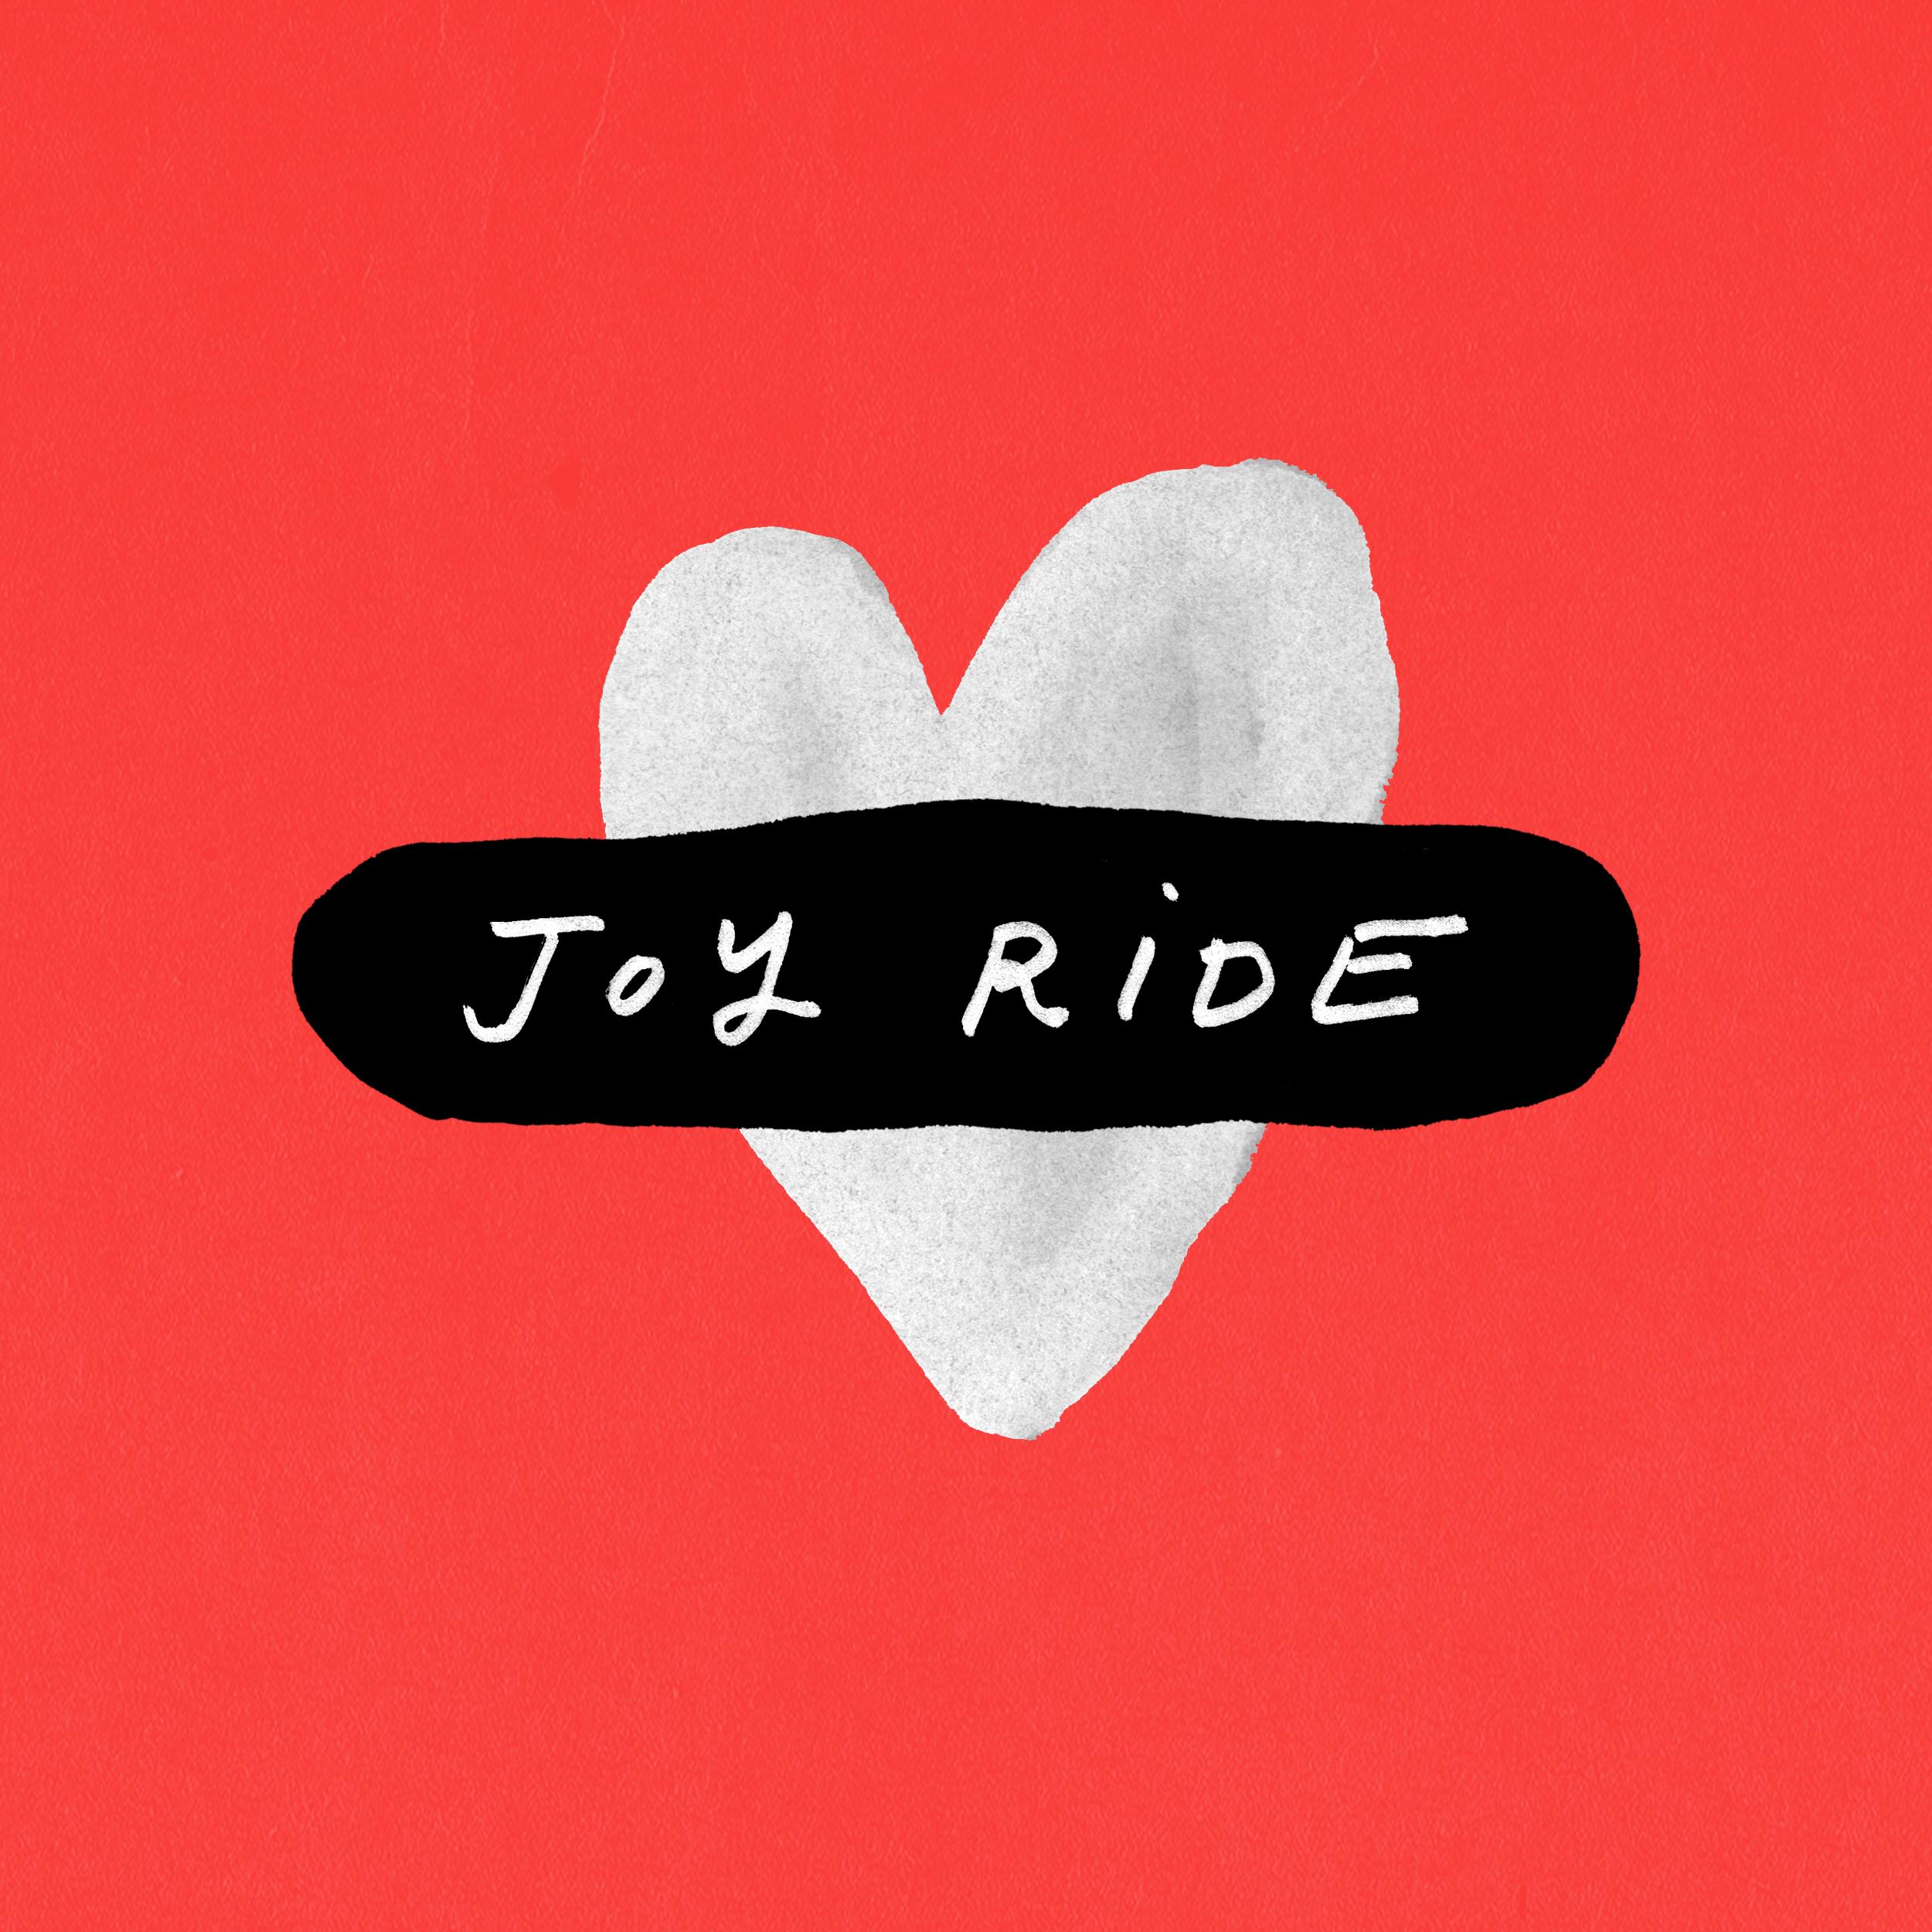 JOYRIDE6.jpg